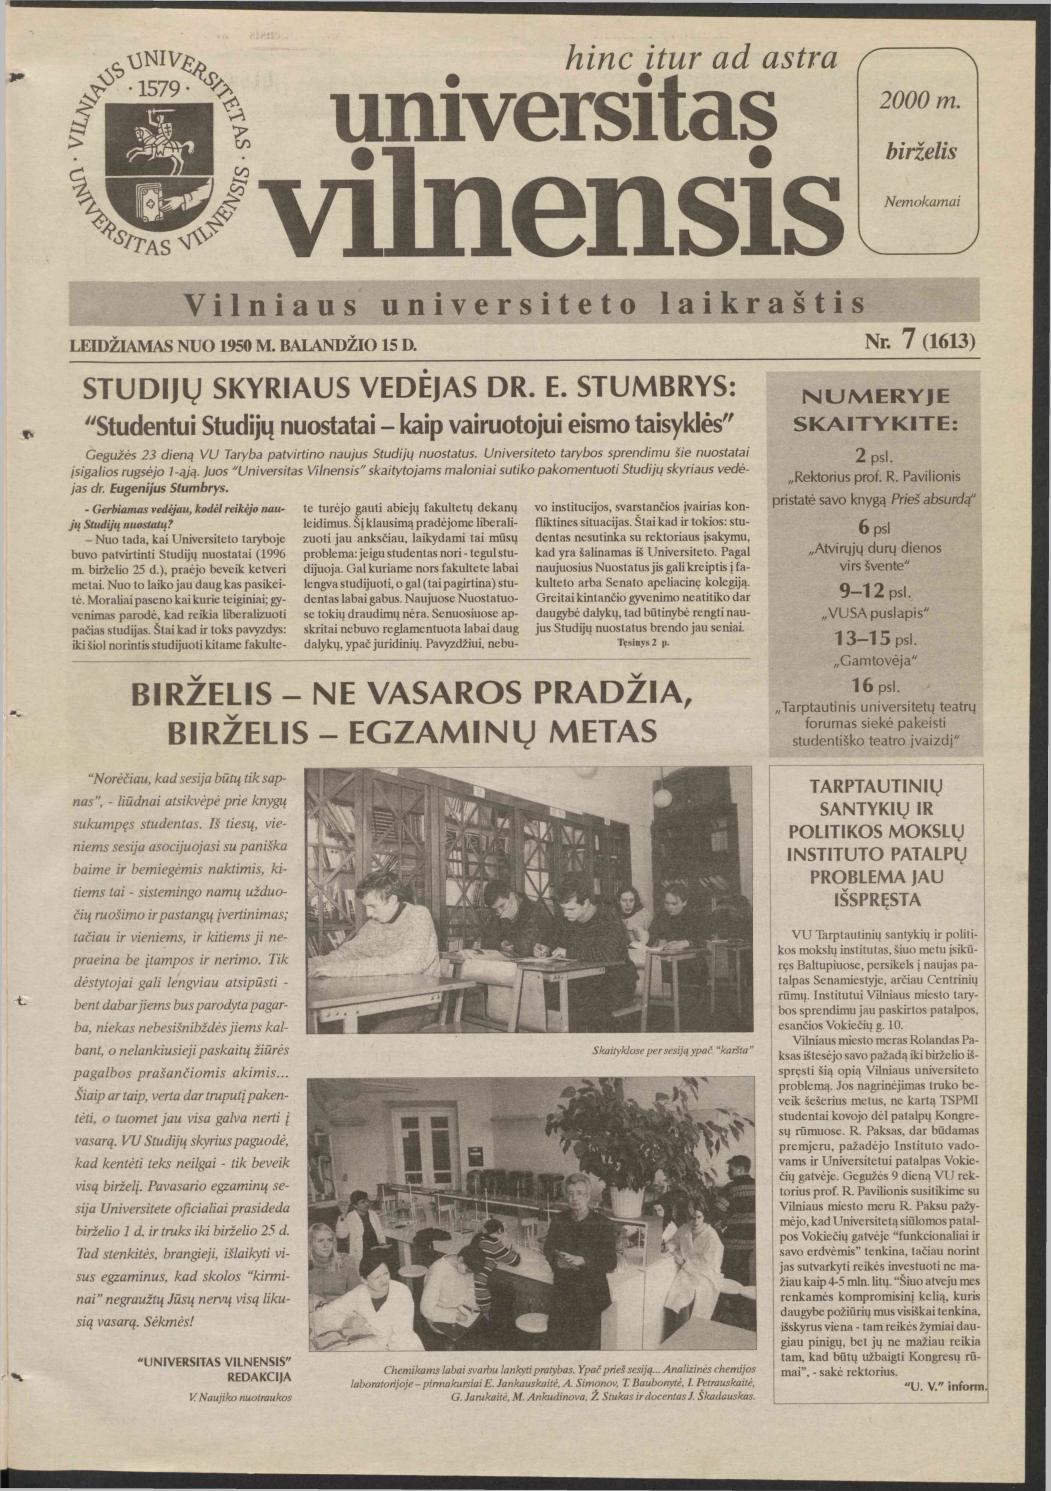 Universitas Vilnensis, 2000 m  birželis Nr  7 (1613) by